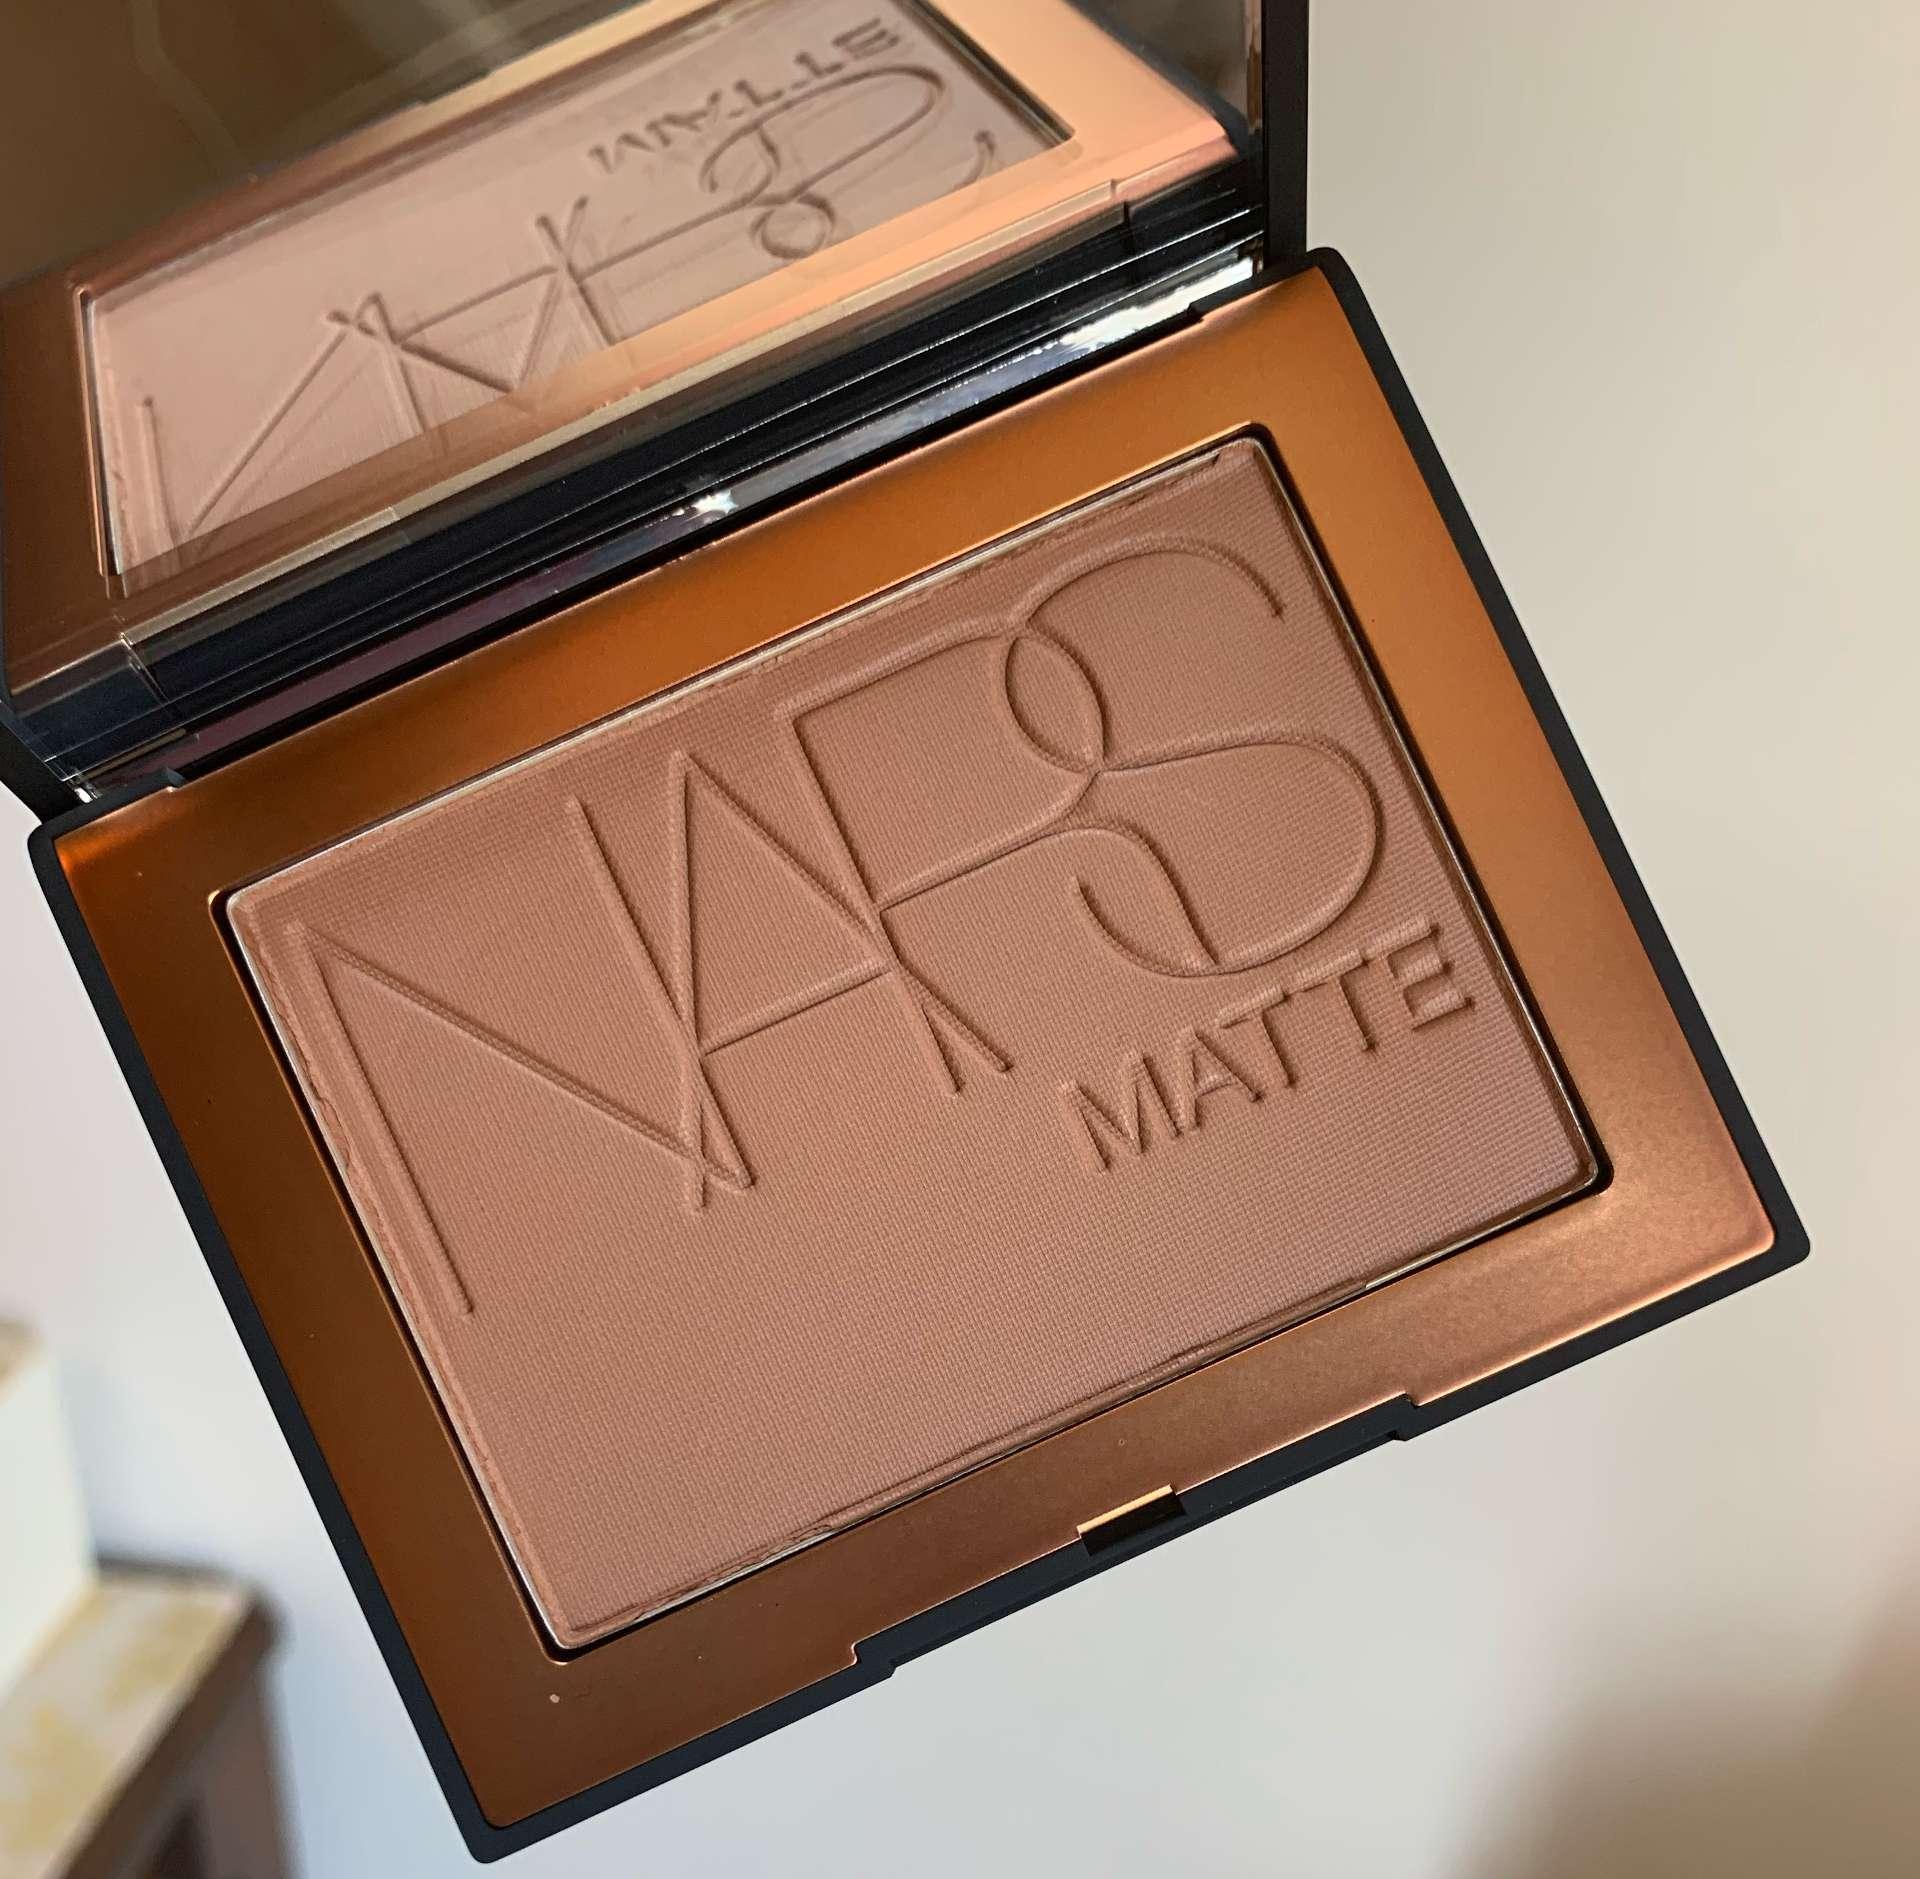 NARS Matte Bronzing Powder in Samoa swatch on medium dark skin